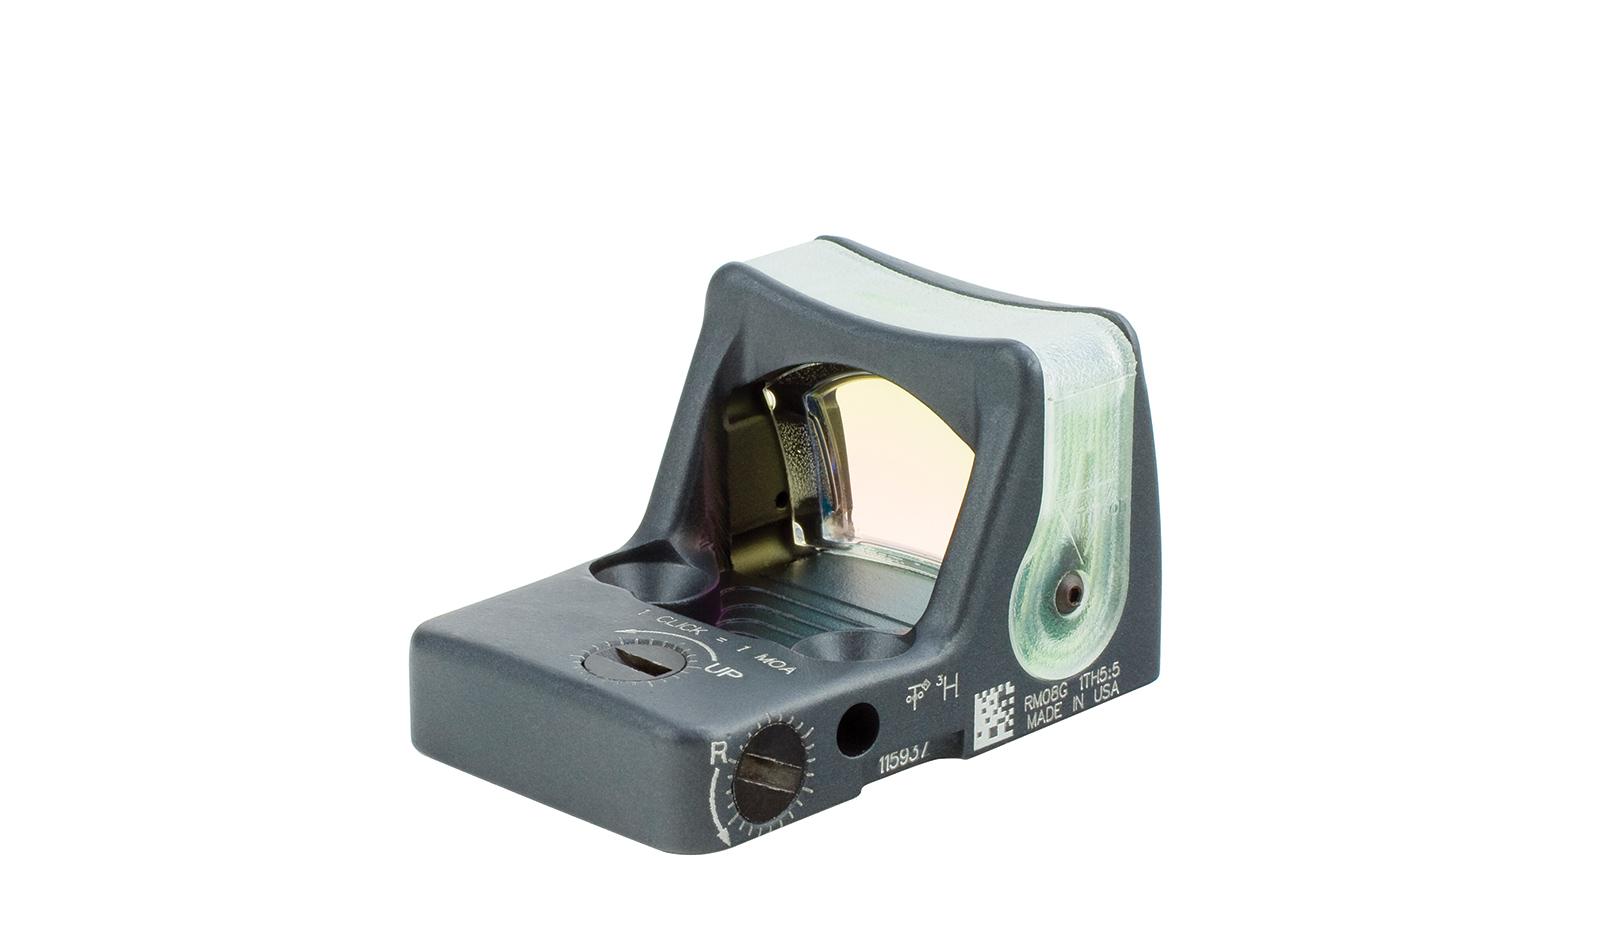 RM08-C-700256 angle 5